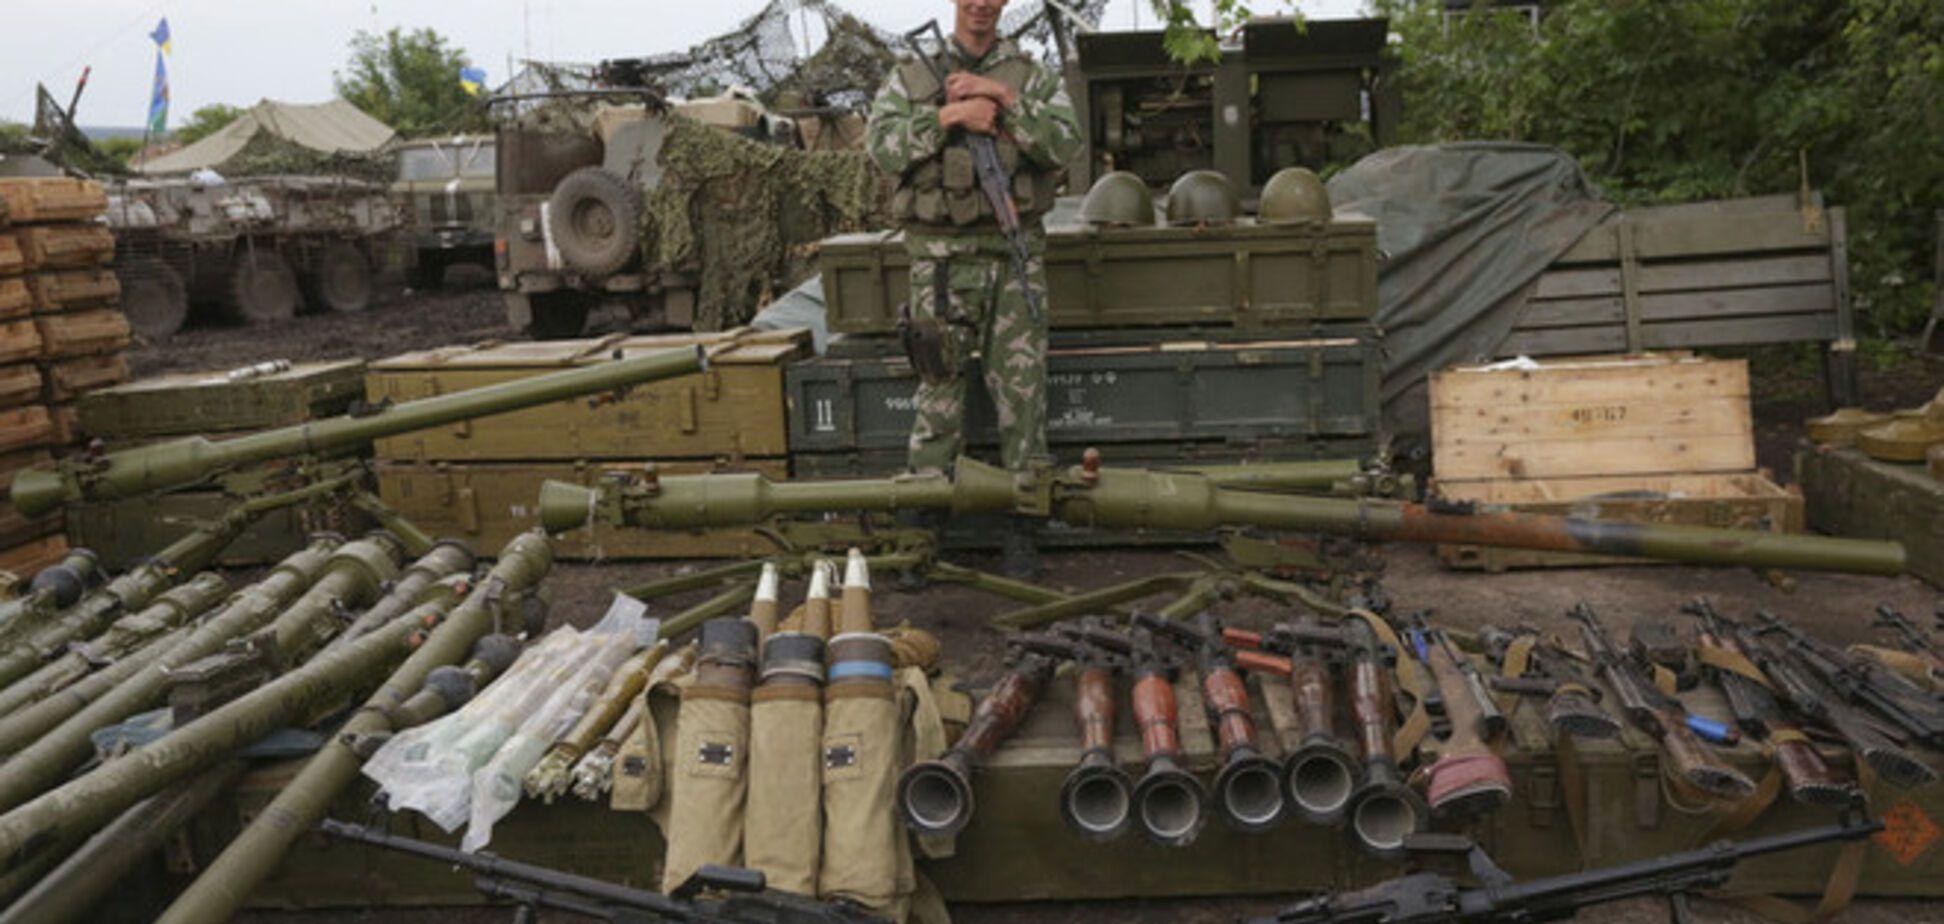 Террористы должны получать 'жесткий ответ', иначе мы можем отходить до Киева - эксперт